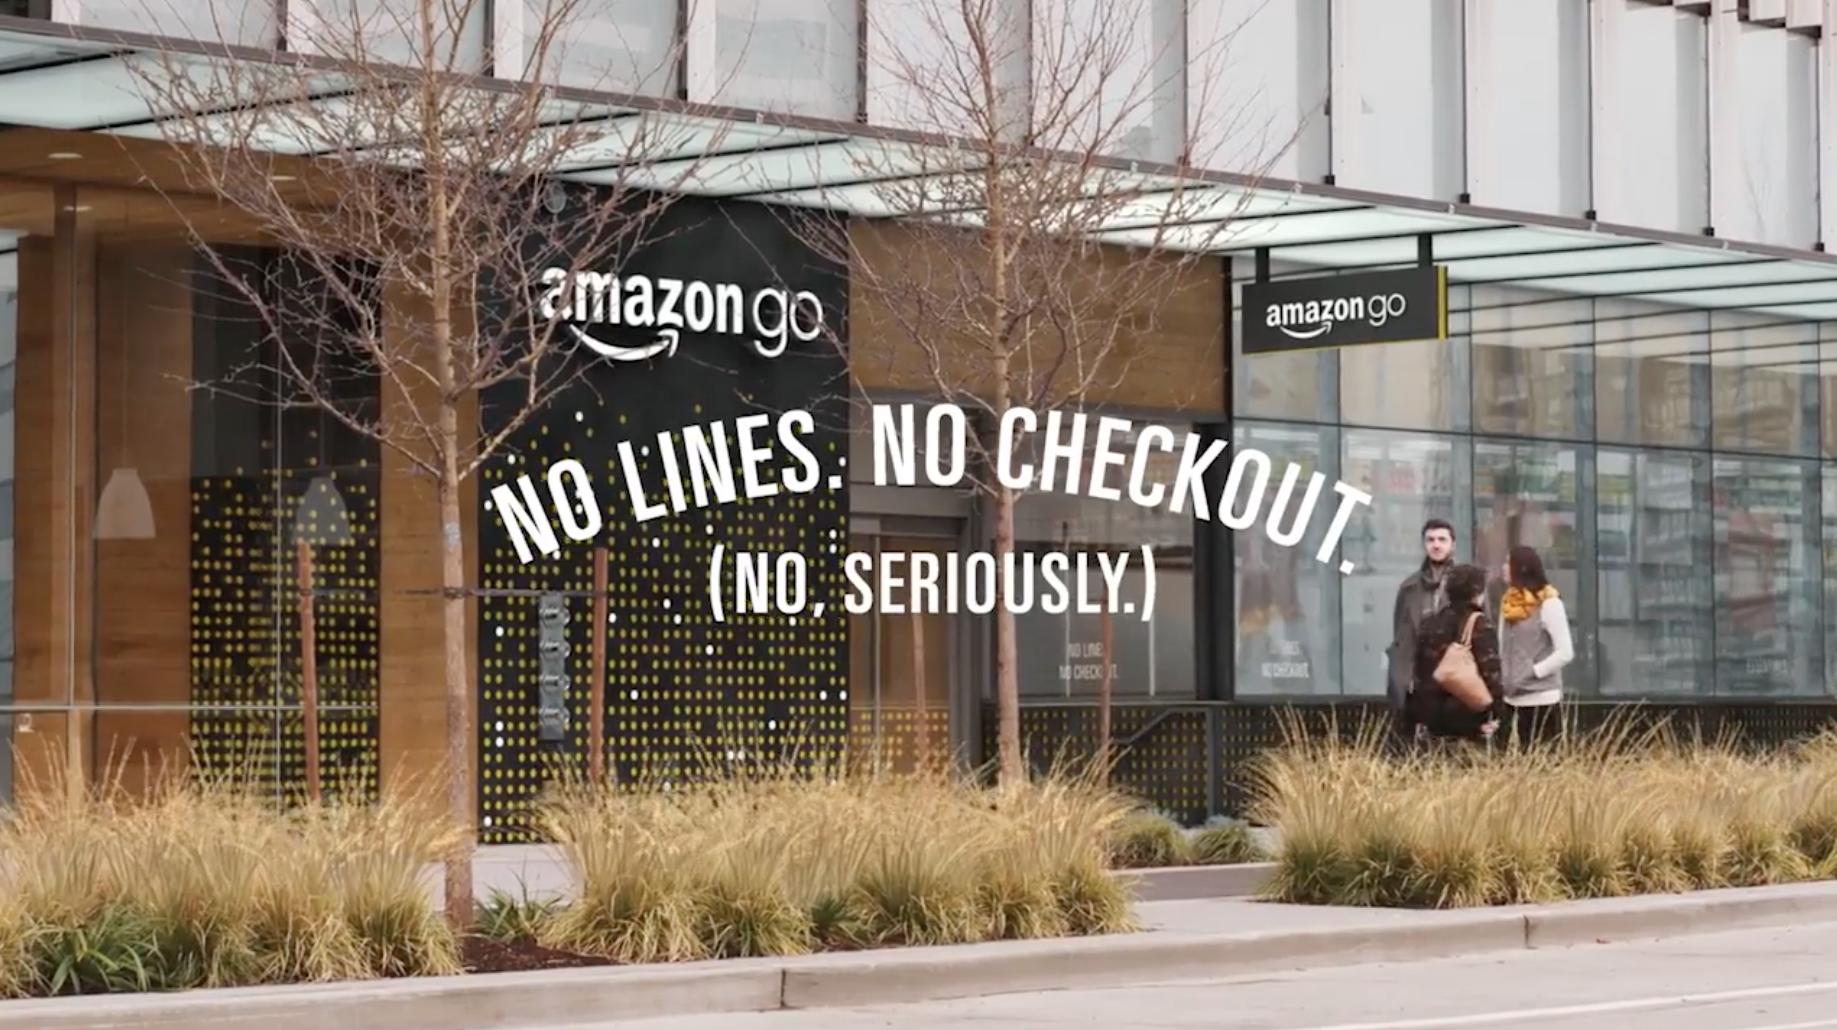 AmazonGo diseñoypublicidad-plv-marketing-retail-visual-merchandising-tecnologia-display-escaparate-expositor